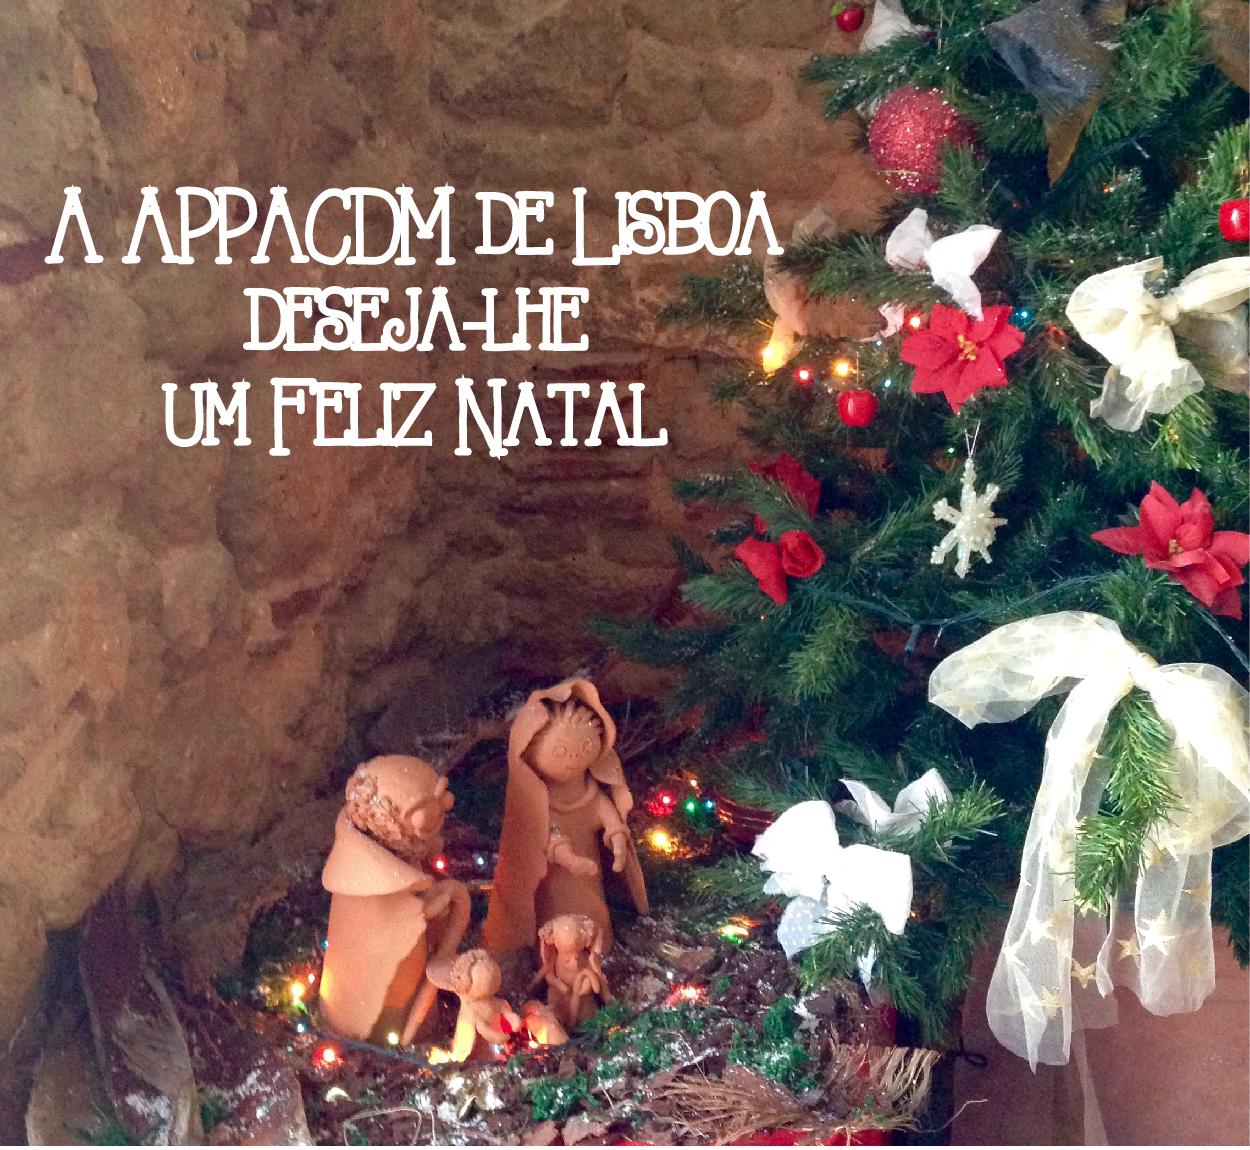 natal2014